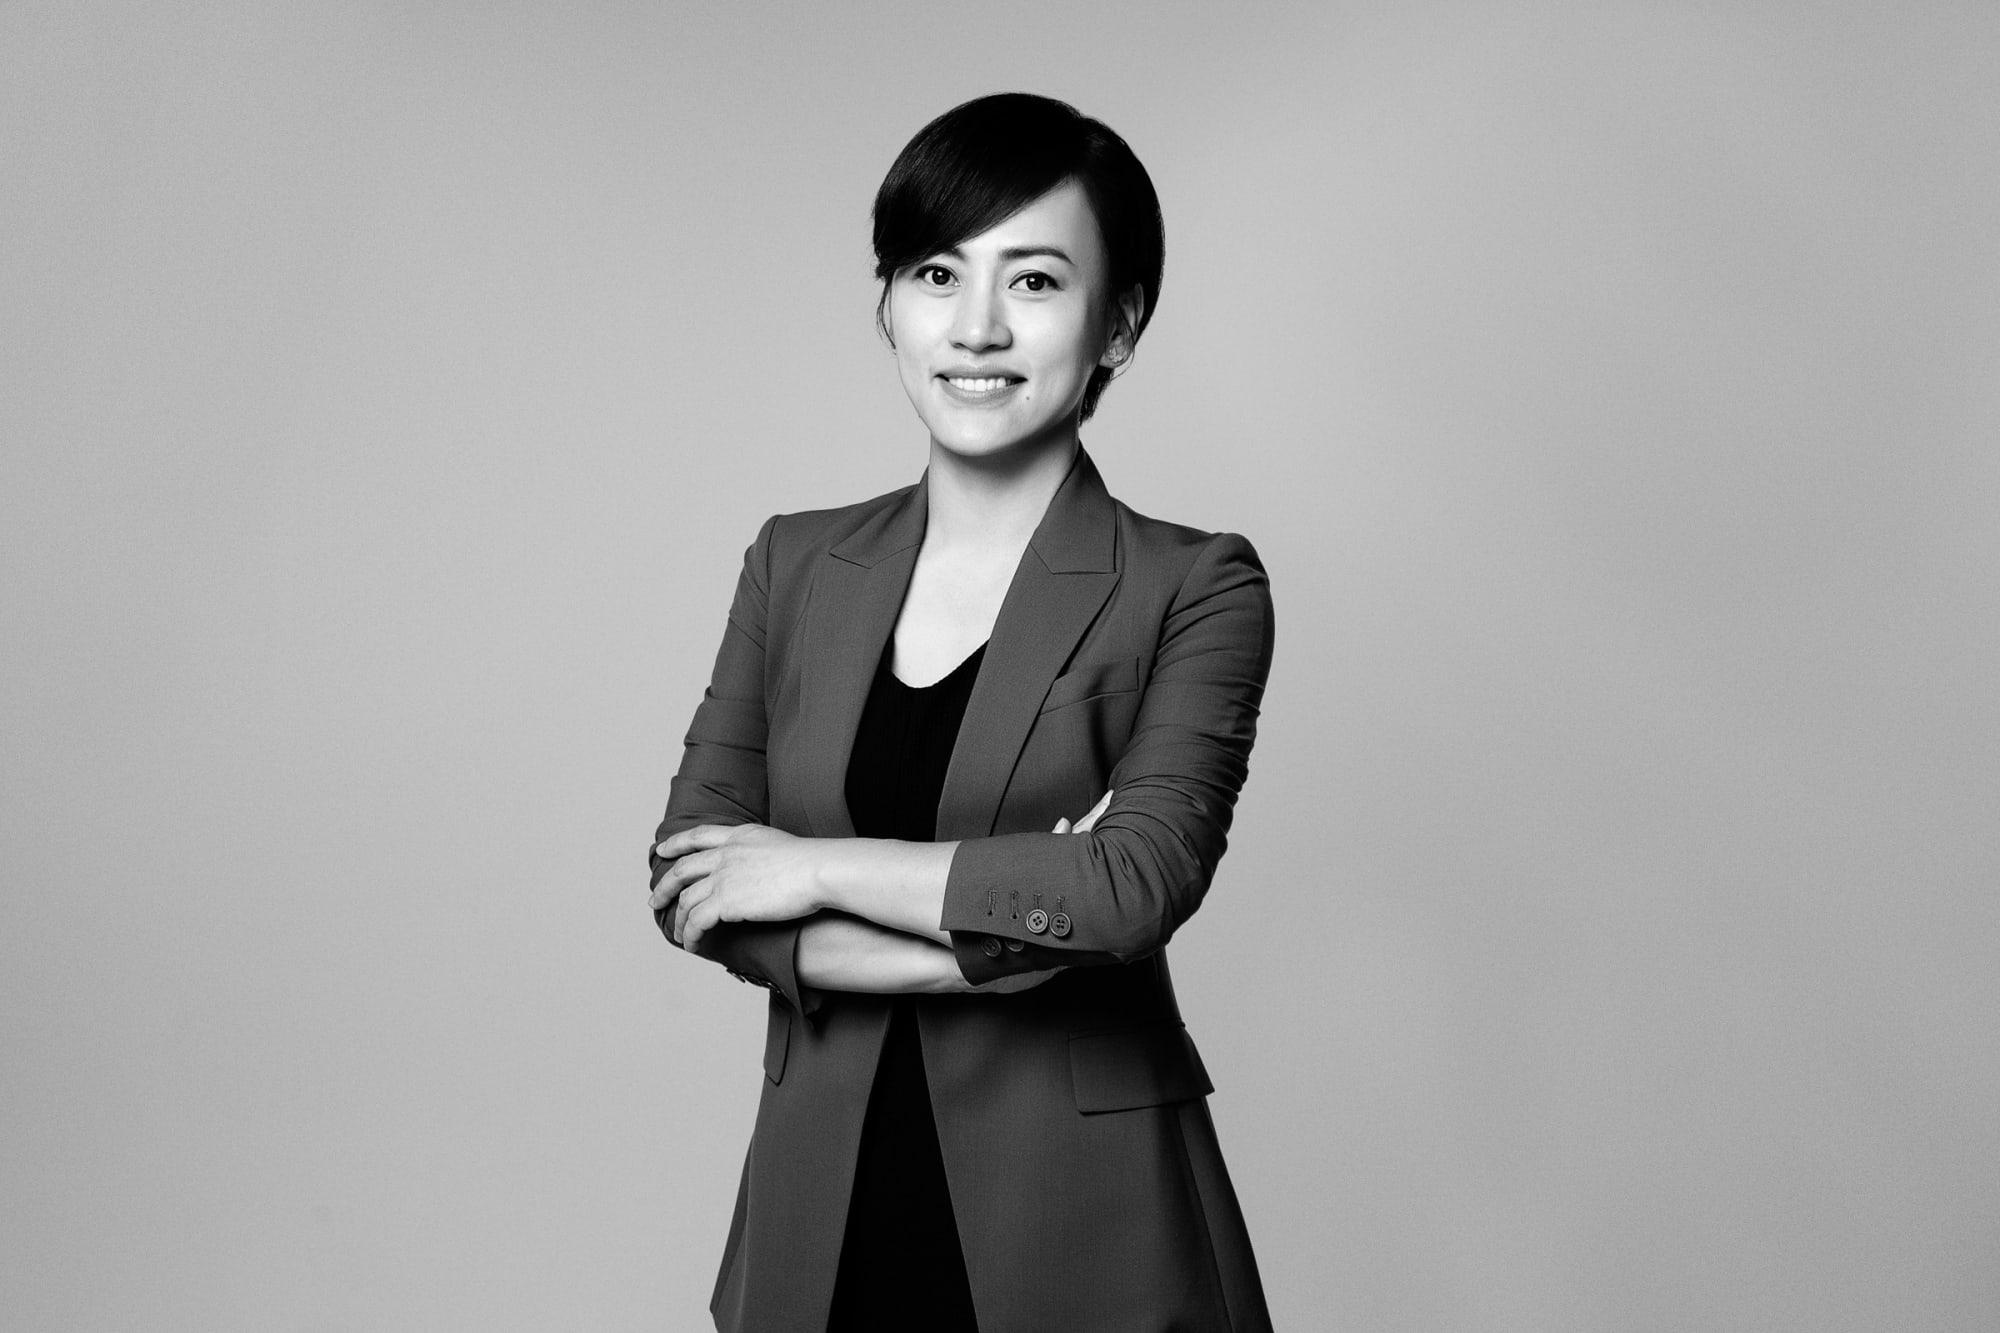 ジーン・リウ(Jean Liu)